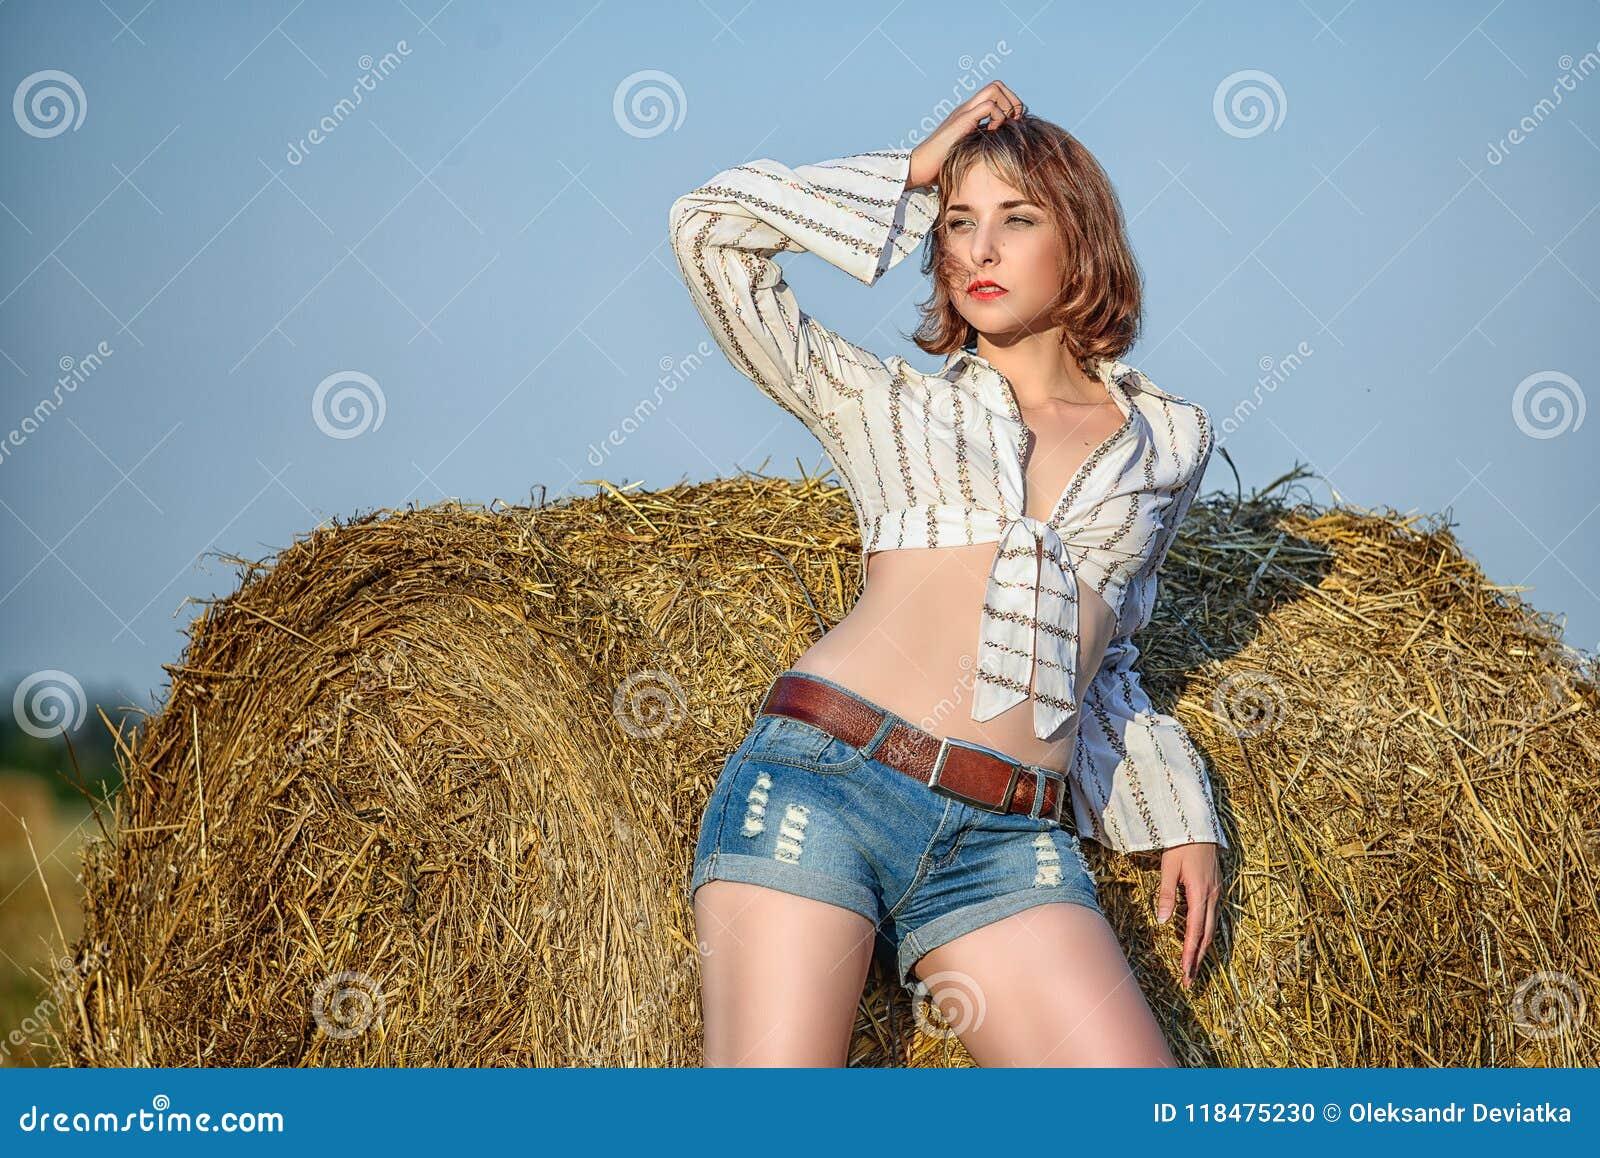 Sexy landwirtschaft nackt